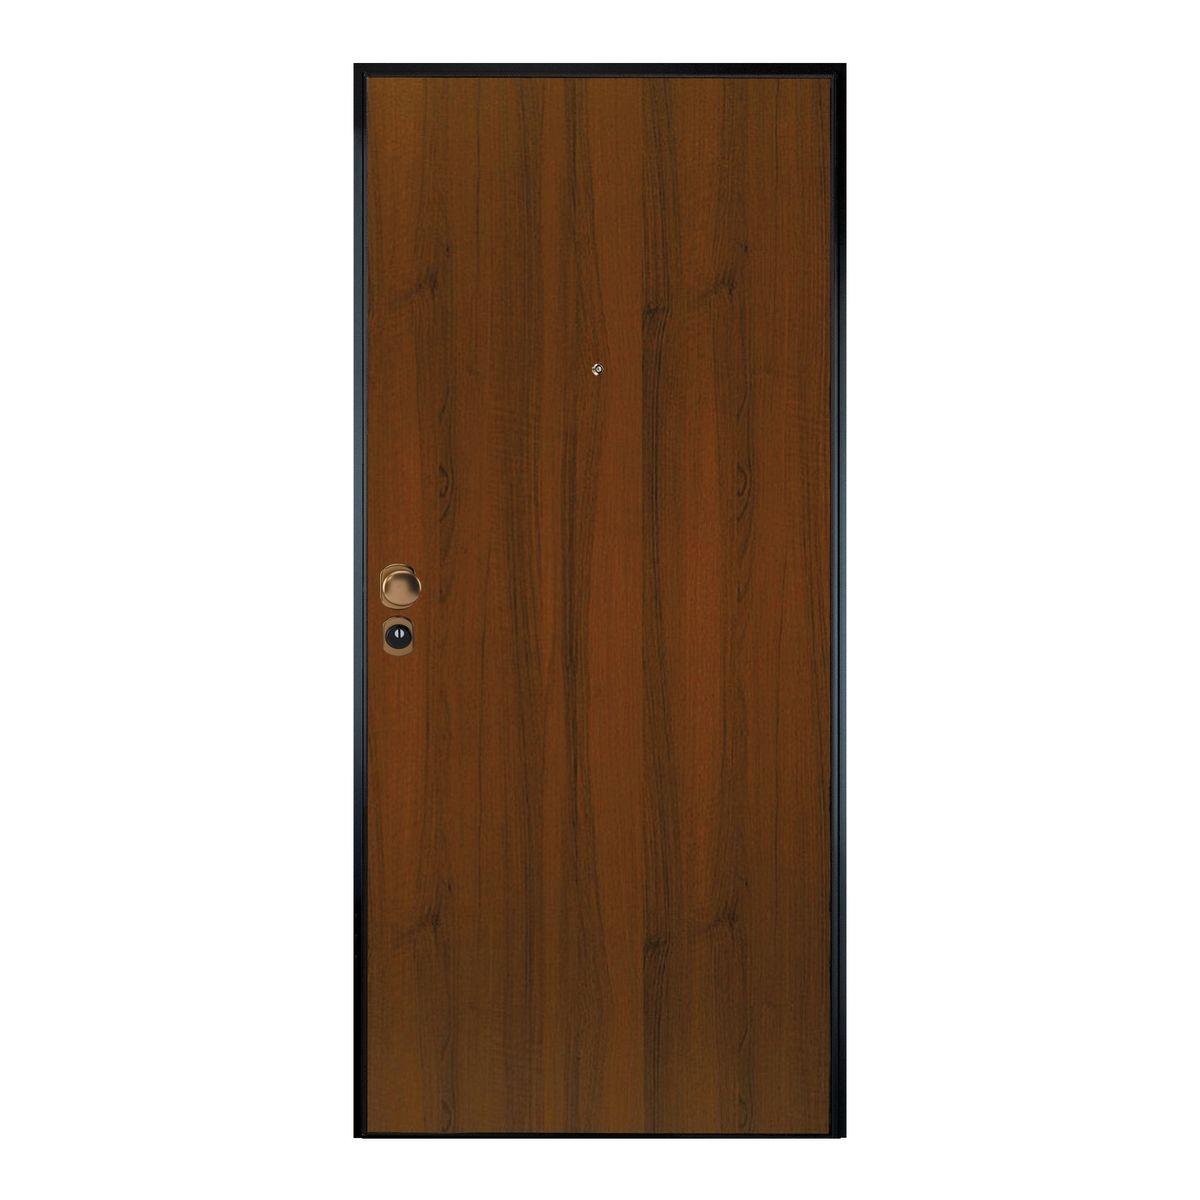 Porta blindata Maxima noce L 90 x H 210 cm dx: prezzi e offerte online